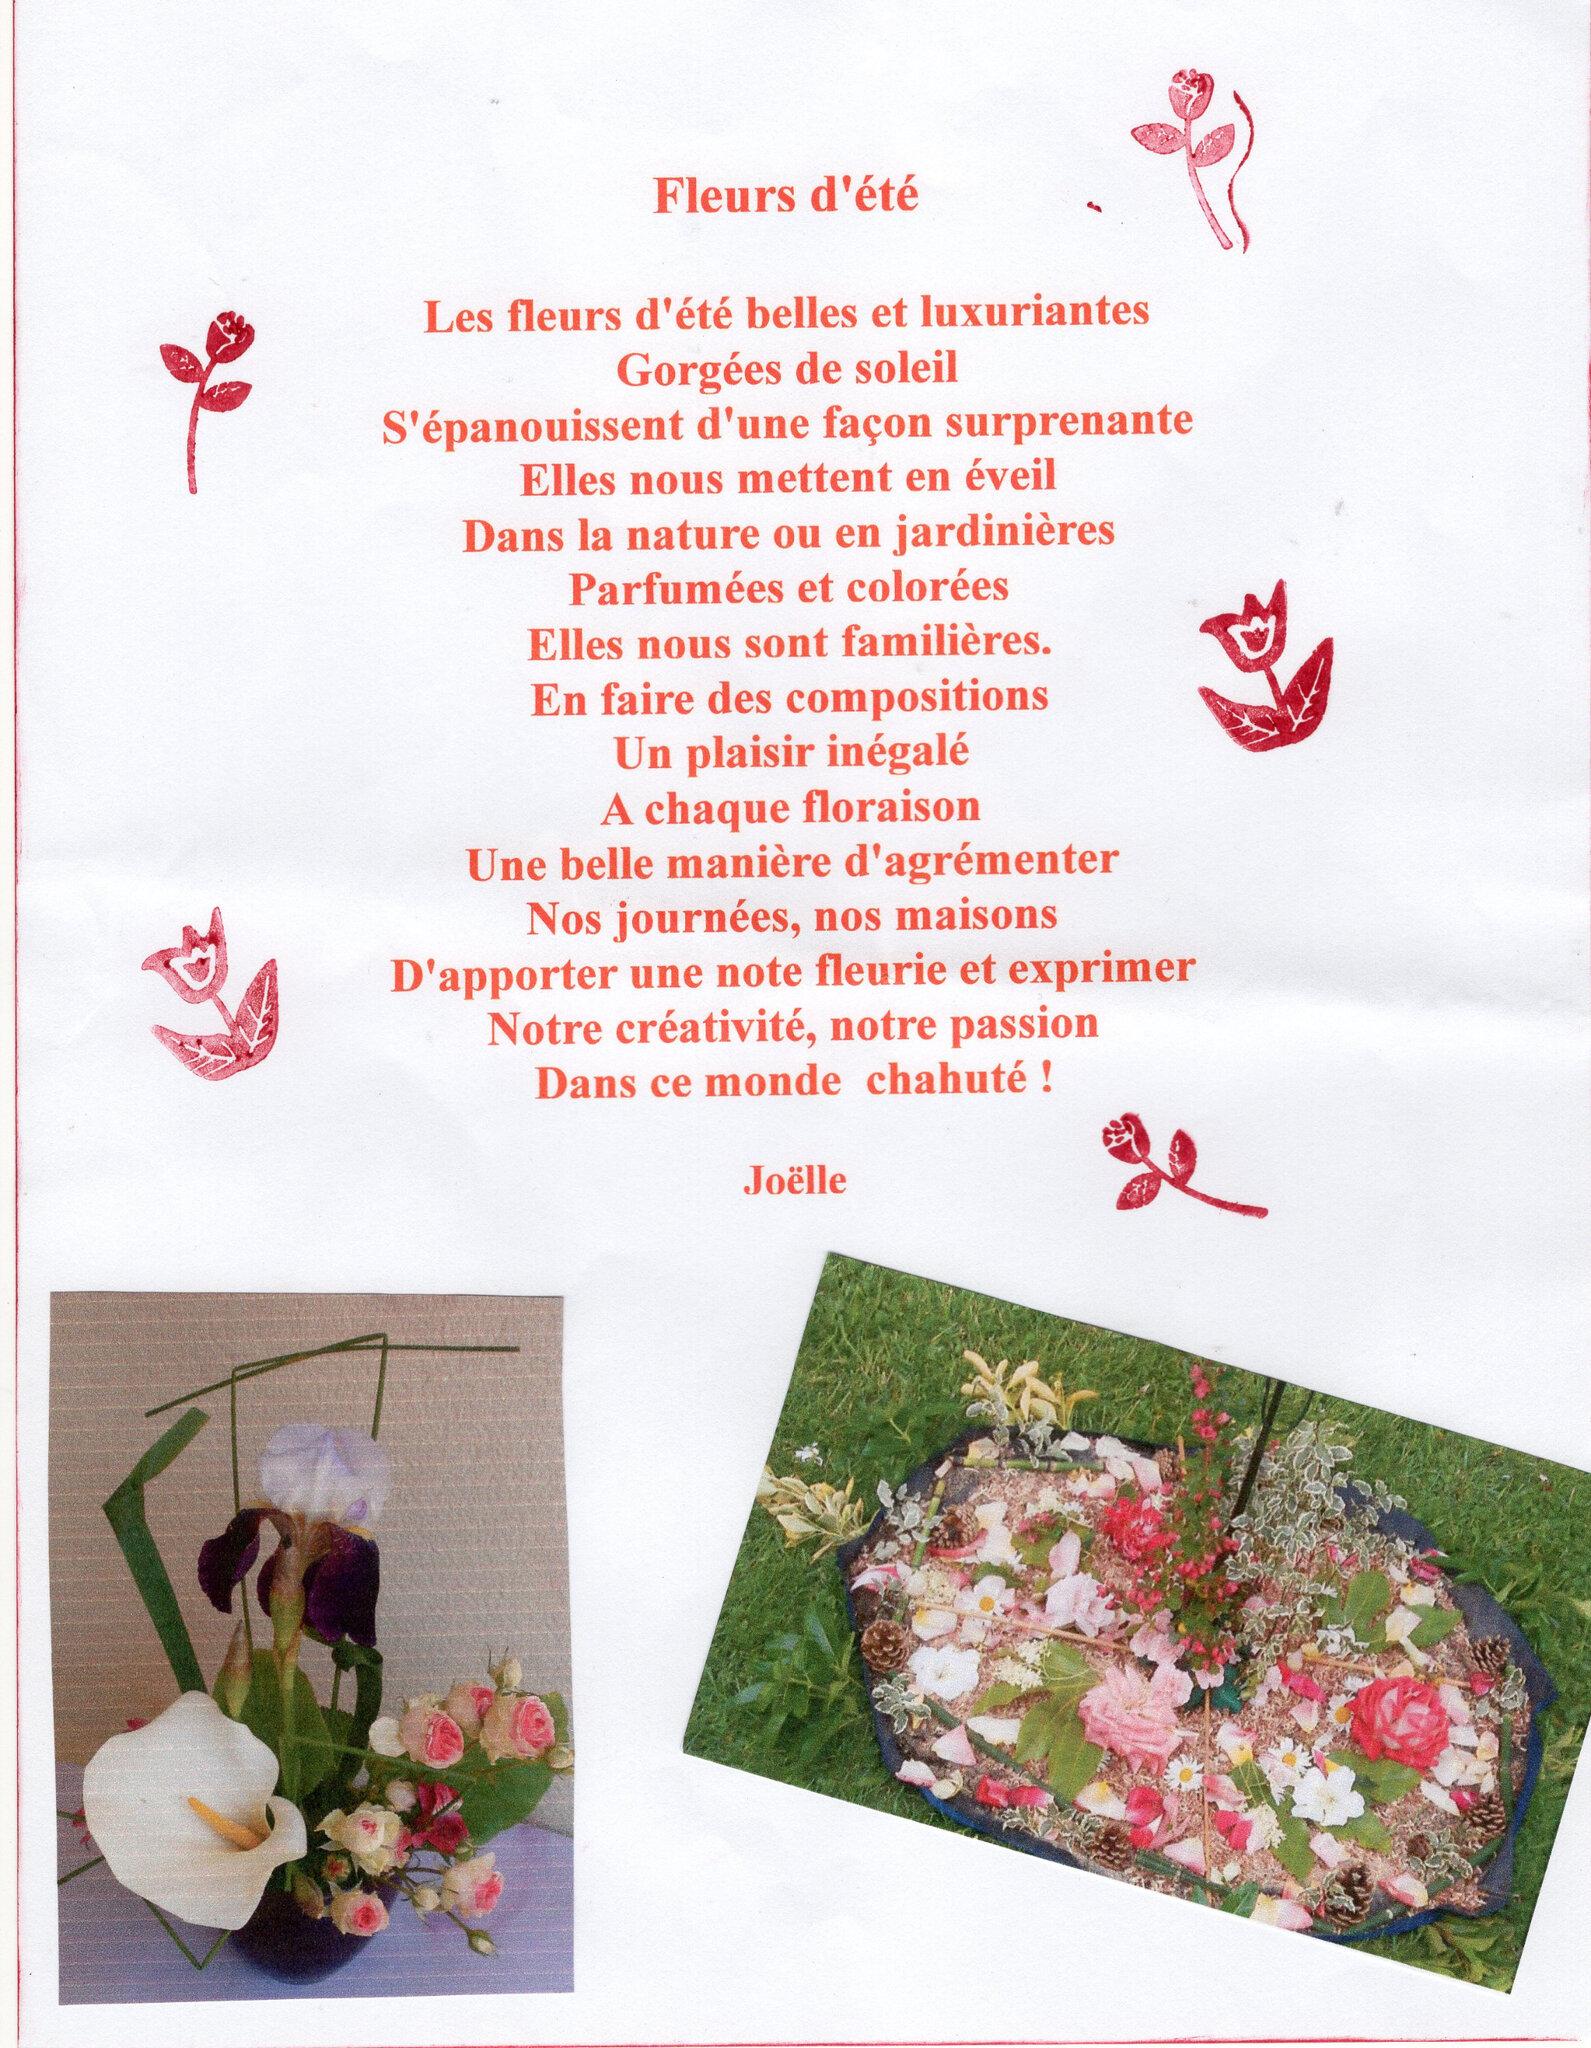 Petit Poème Aux Fleurs Dété Le Café Fleurs De Joëlle